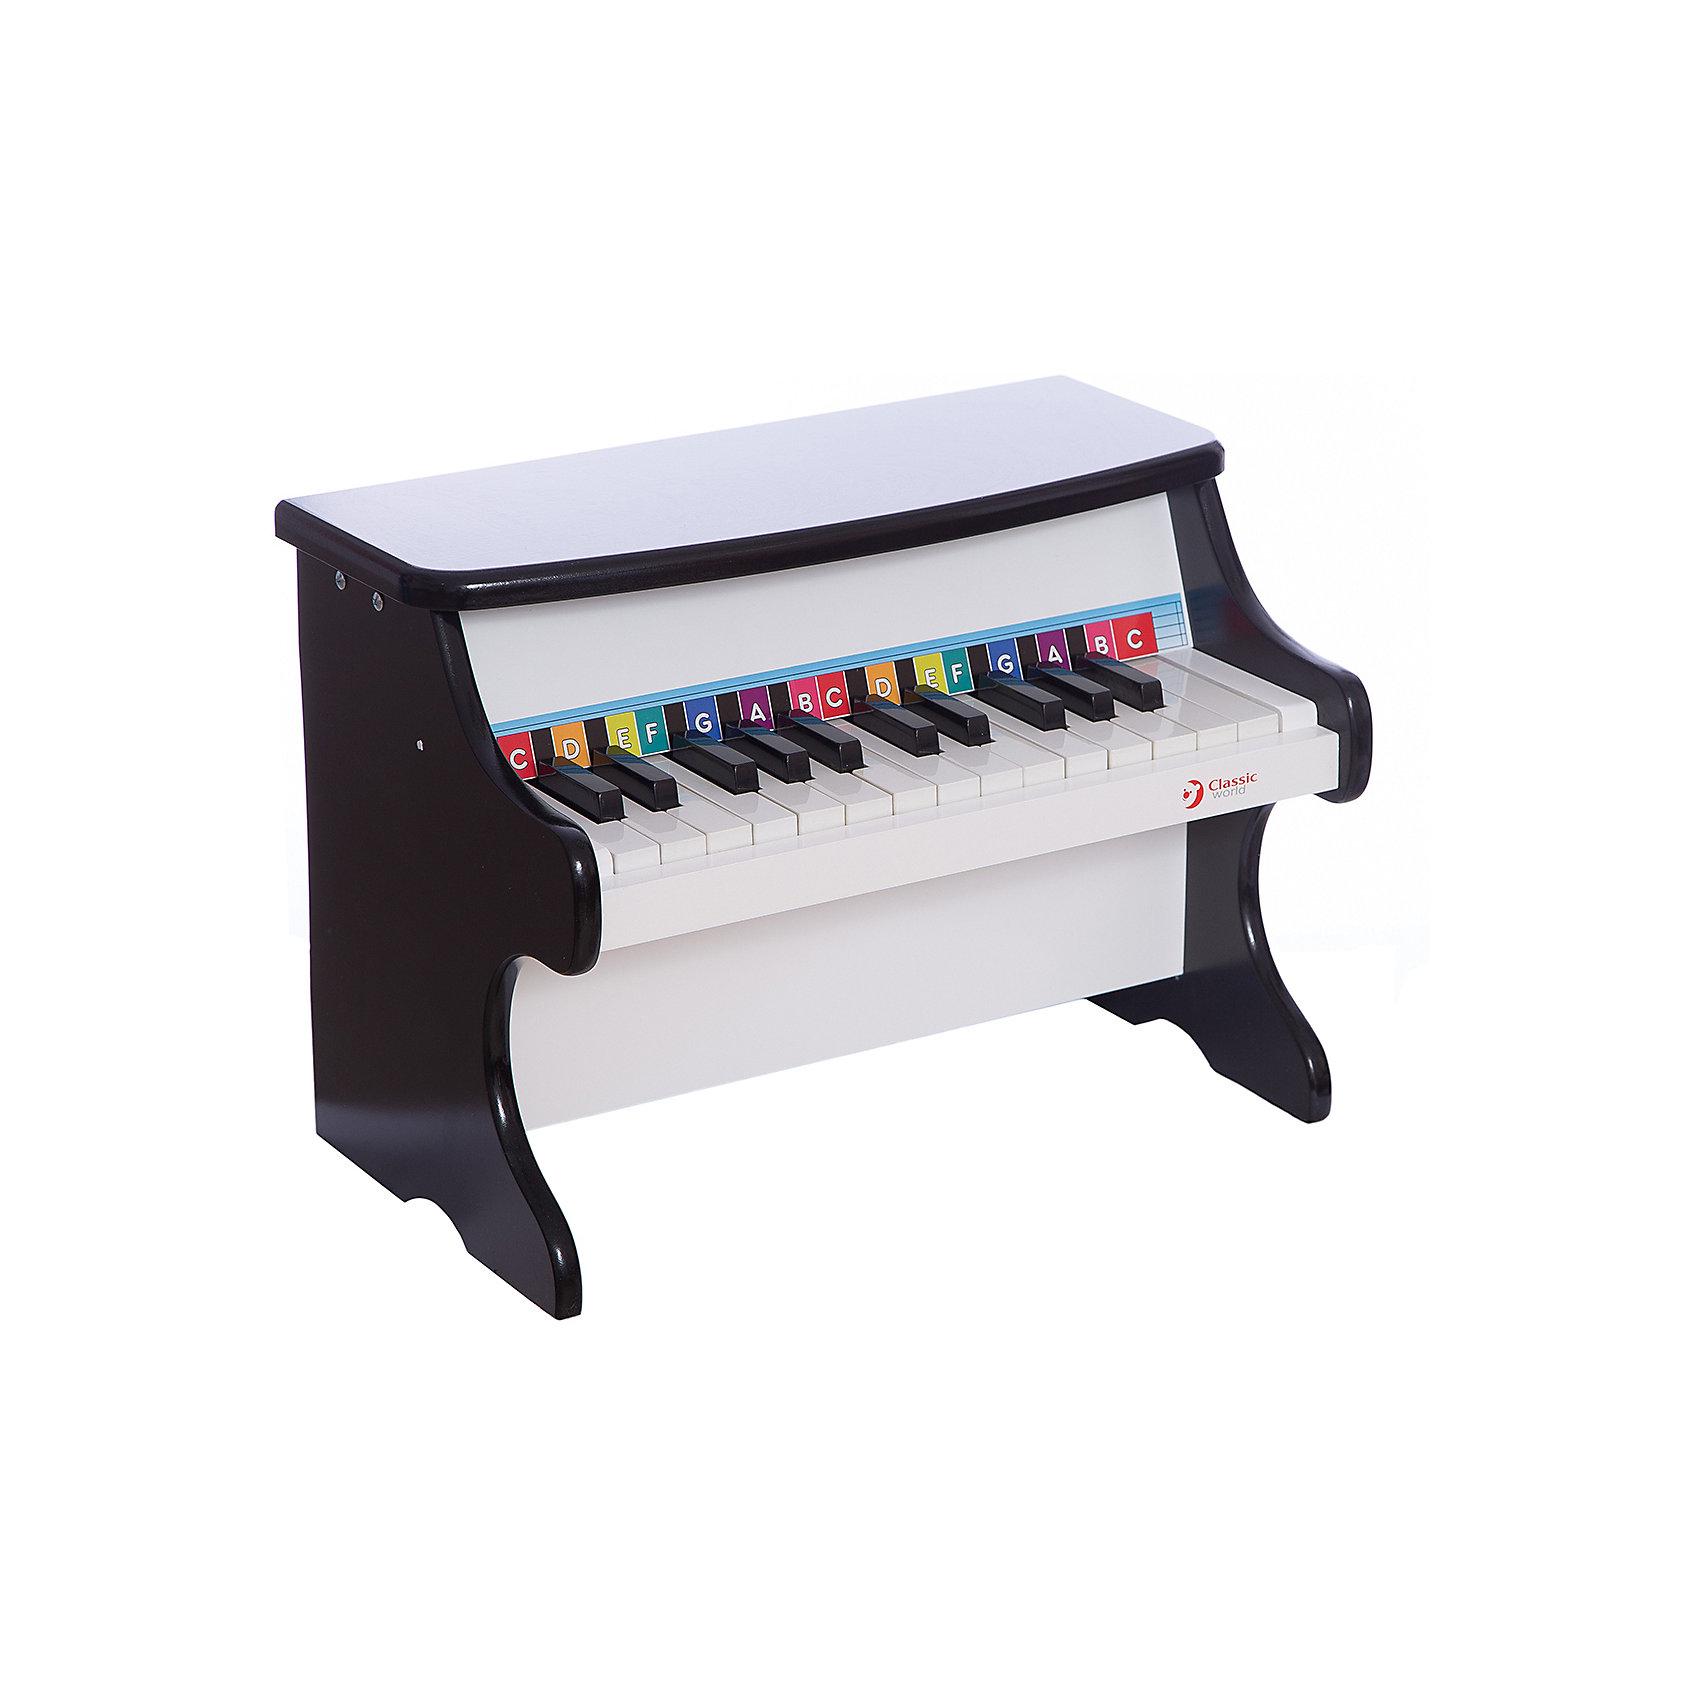 Детское пианино классическое, Classic WorldМузыкальные инструменты и игрушки<br>Великолепное пианино для первых музыкальных импровизации?. Классическии? цвет, лаковыи? блеск и приятное звучание для маленьких музыкантов.19 клавиш с классическим звучанием.<br>1.  Этот замечательный музыкальный инструмент может стать для Вашего малыша первым музыкальным инструментом, с которым ребенок сделает первый шаг в таком нелегком деле, как знакомство с музыкой. <br>2. Детское пианино непременно вызовит интерес малыша к занятию музыкой.<br>3. Пианино способствует развитию умственных способностей, мелкой моторики и формирует чувство прекрасного.<br><br>Ширина мм: 400<br>Глубина мм: 300<br>Высота мм: 250<br>Вес г: 5400<br>Возраст от месяцев: 36<br>Возраст до месяцев: 2147483647<br>Пол: Унисекс<br>Возраст: Детский<br>SKU: 6844316